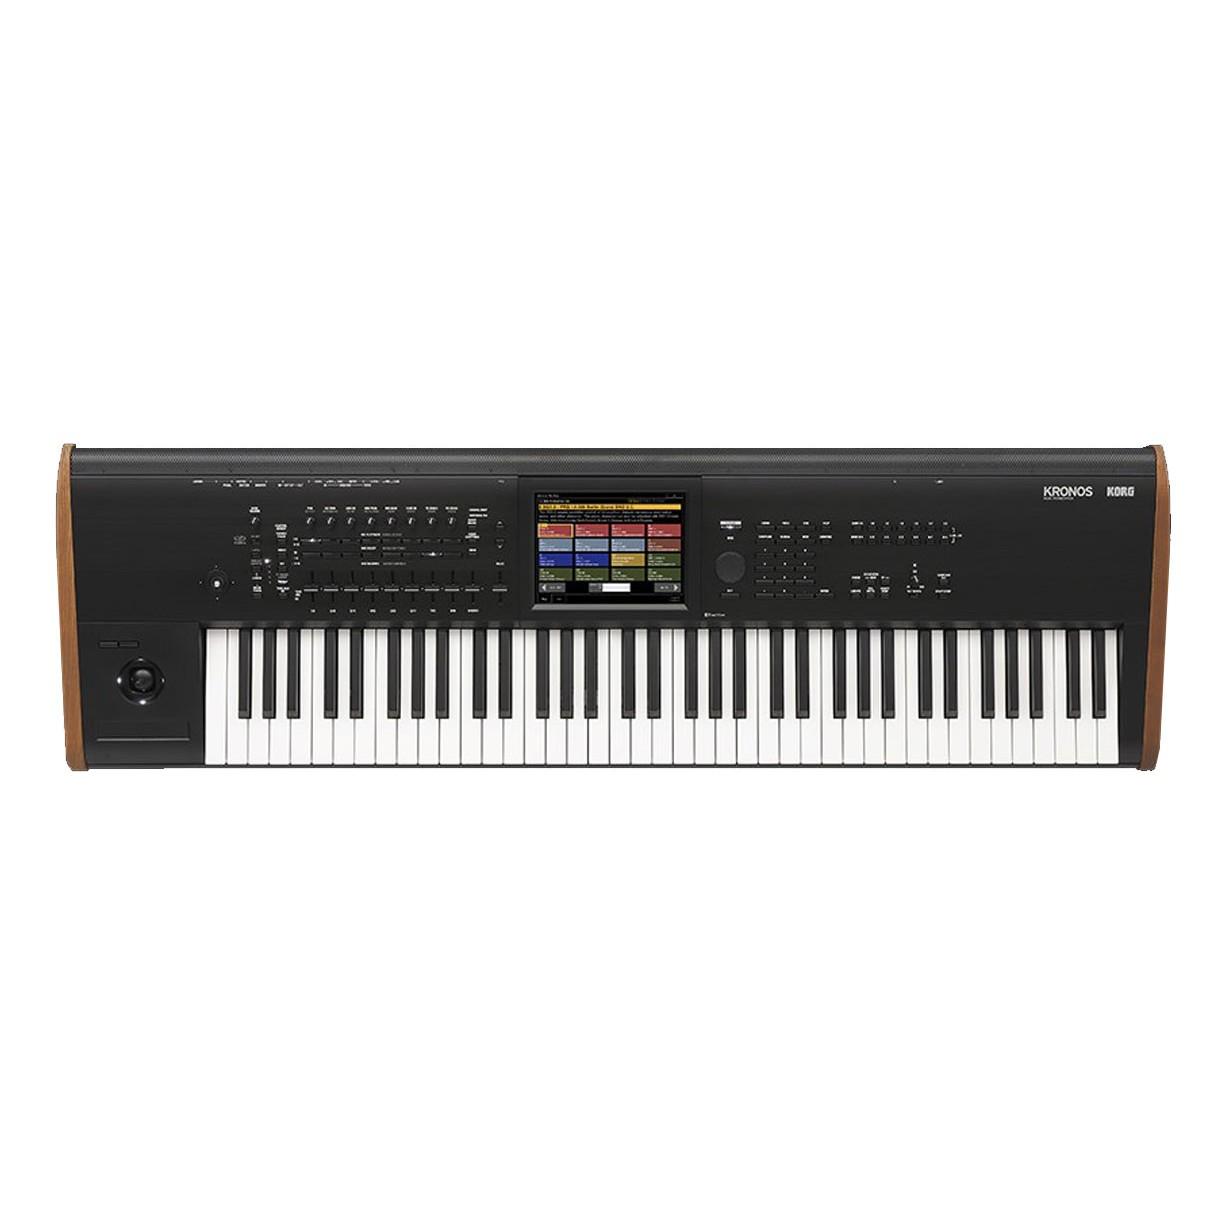 korg kronos 2 73 key synthesizer workstation keyboard. Black Bedroom Furniture Sets. Home Design Ideas